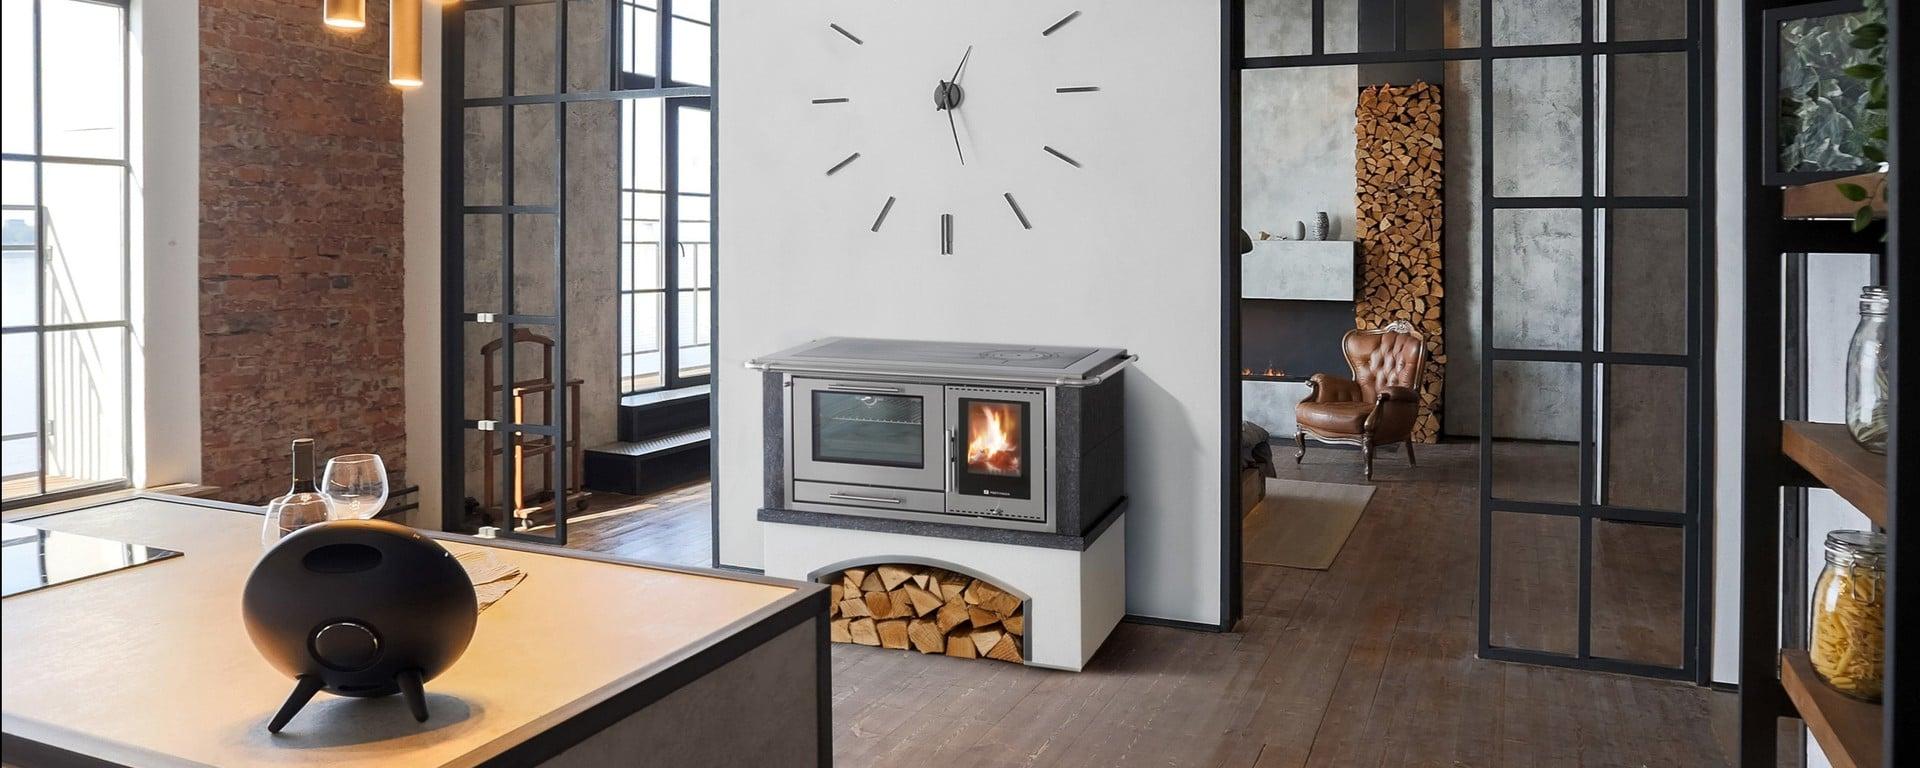 Prefabbricate cucina economica a legna pertinger for Cucine pertinger